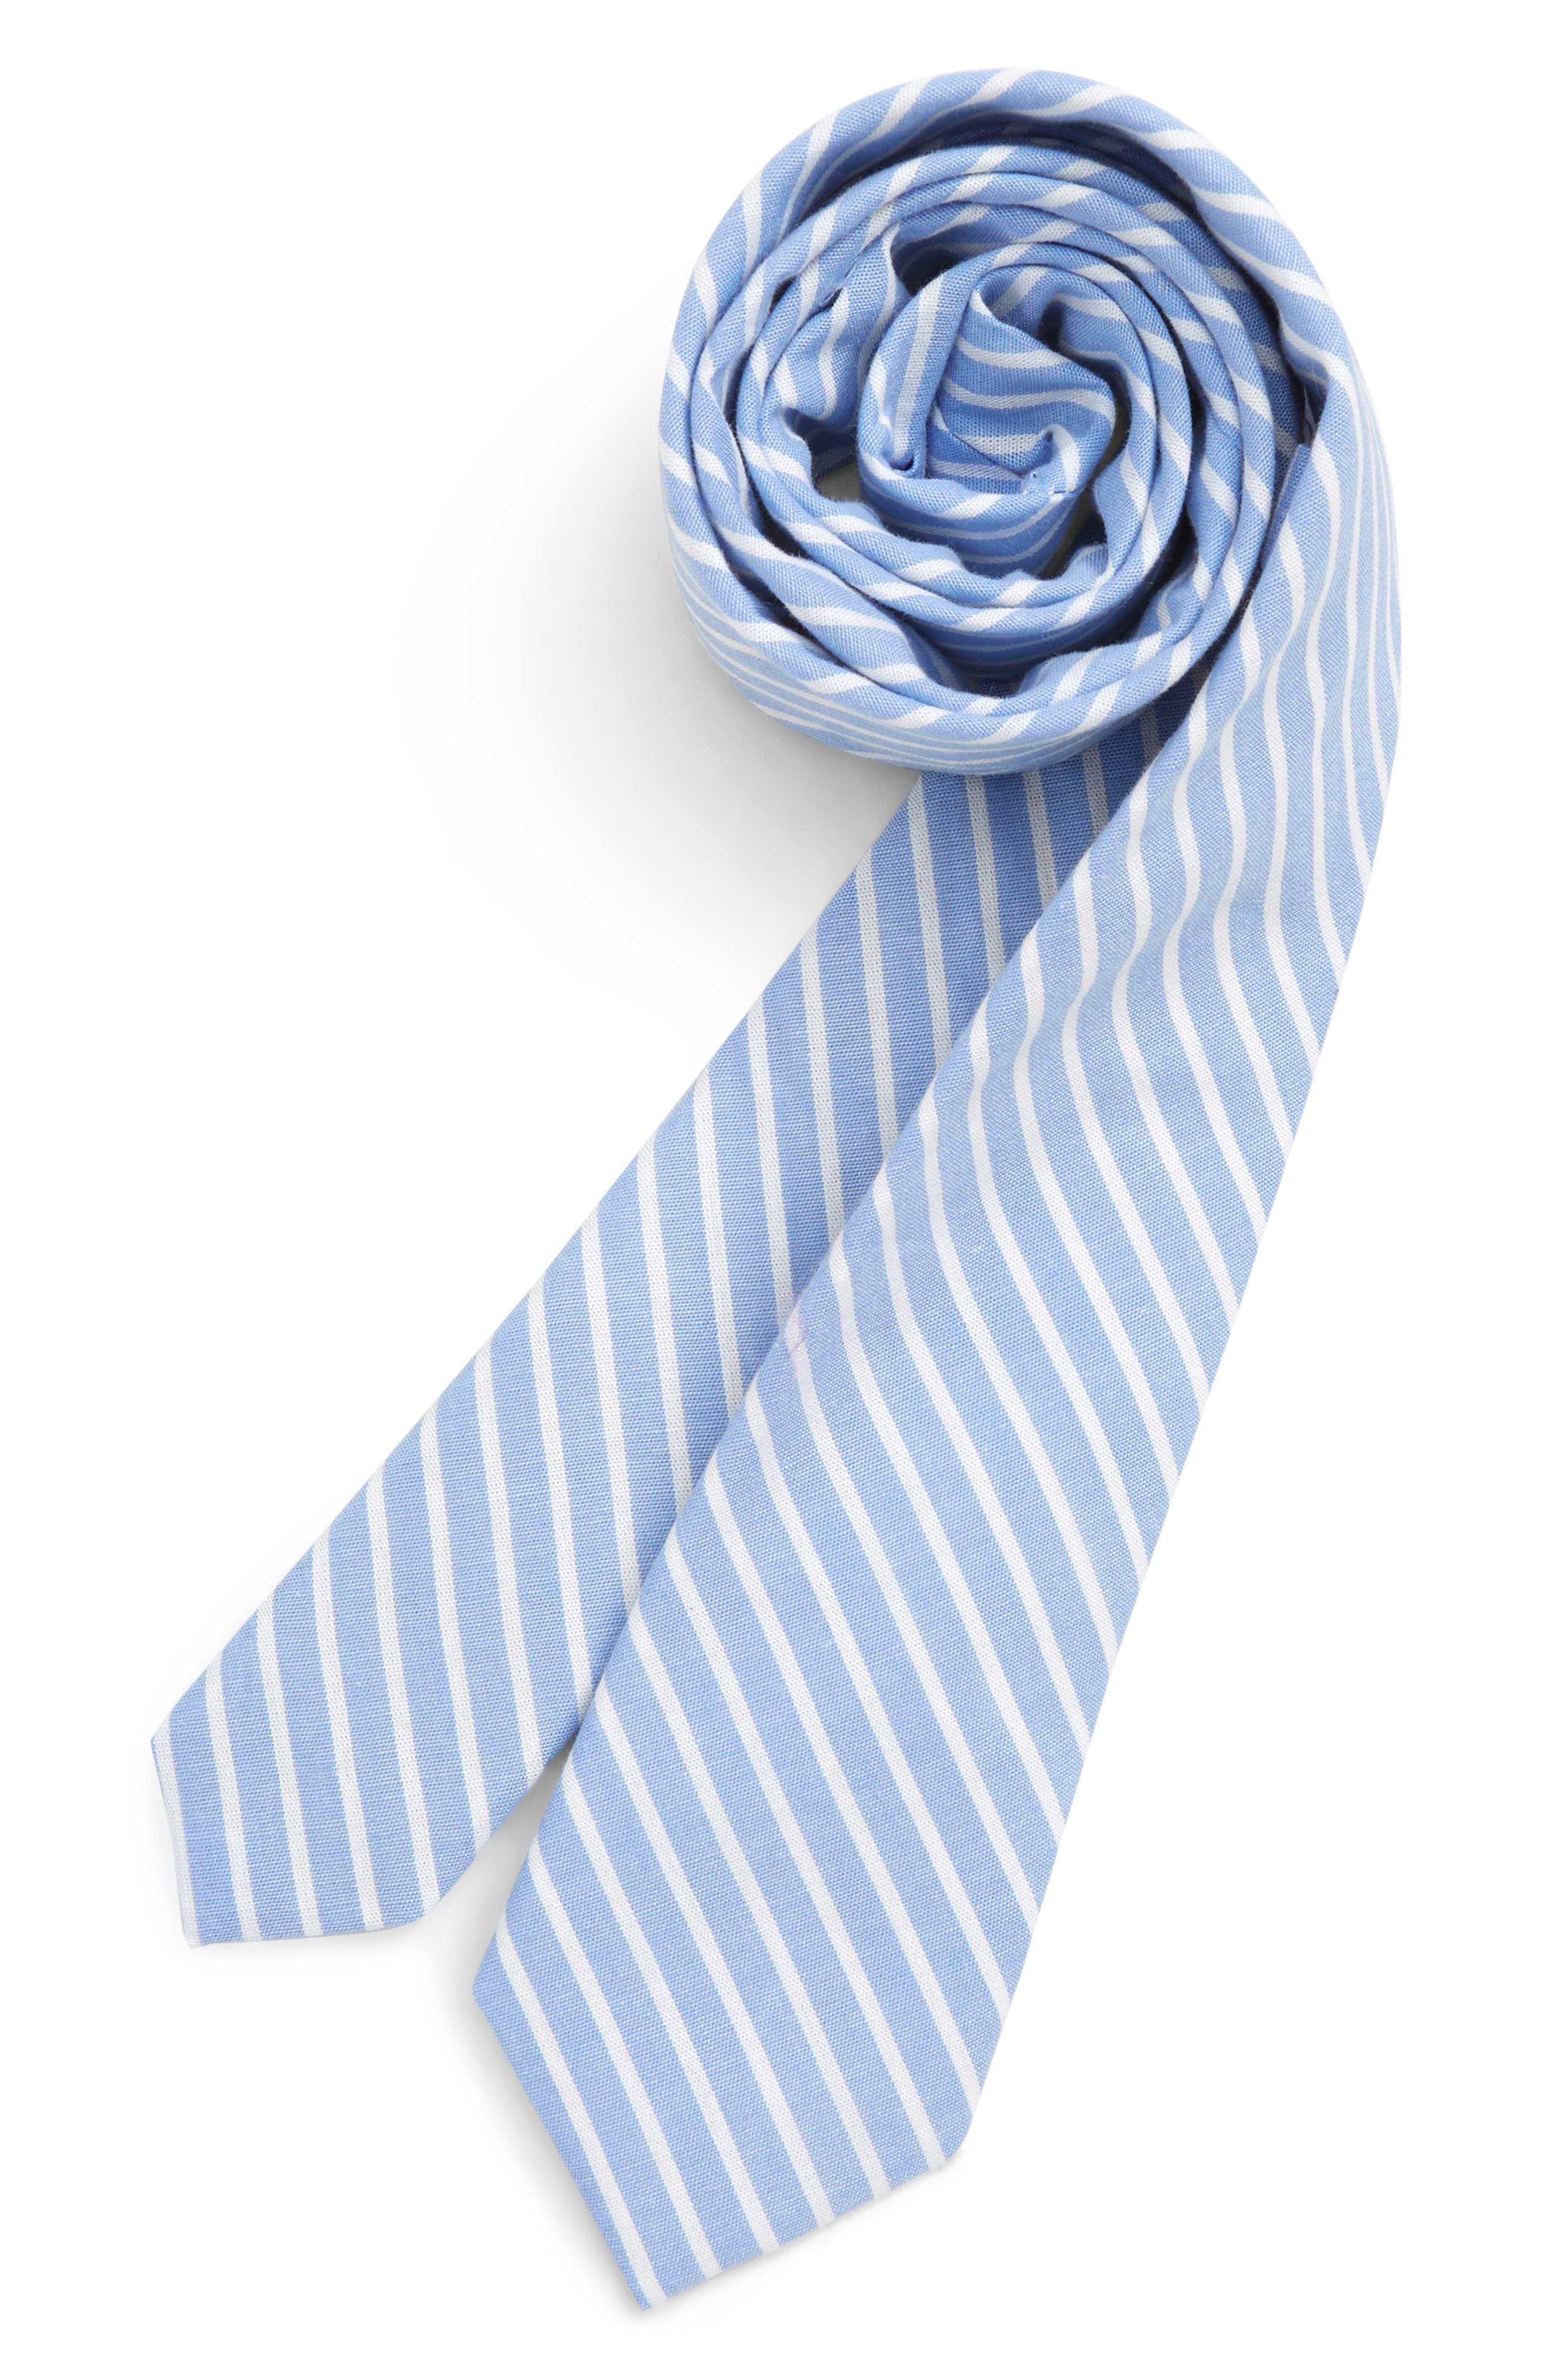 NORDSTROM, Adam Stripe Cotton Tie, Main thumbnail 1, color, BLUE